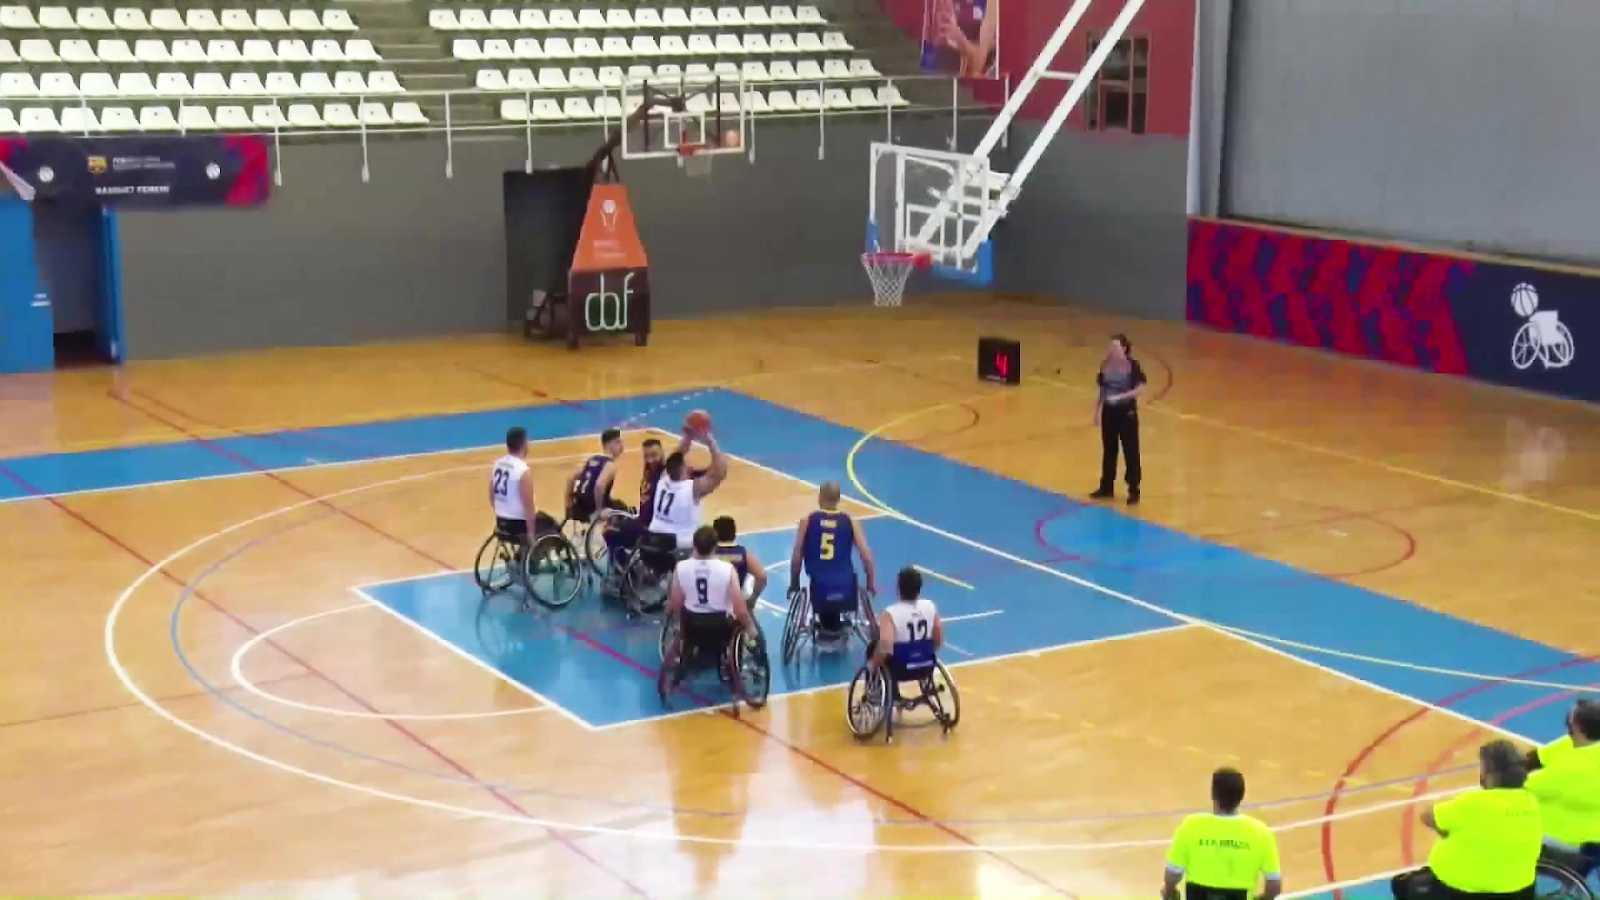 Baloncesto en silla de ruedas - Liga BSR división de Honor. Resumen jornada 9 - ver ahora